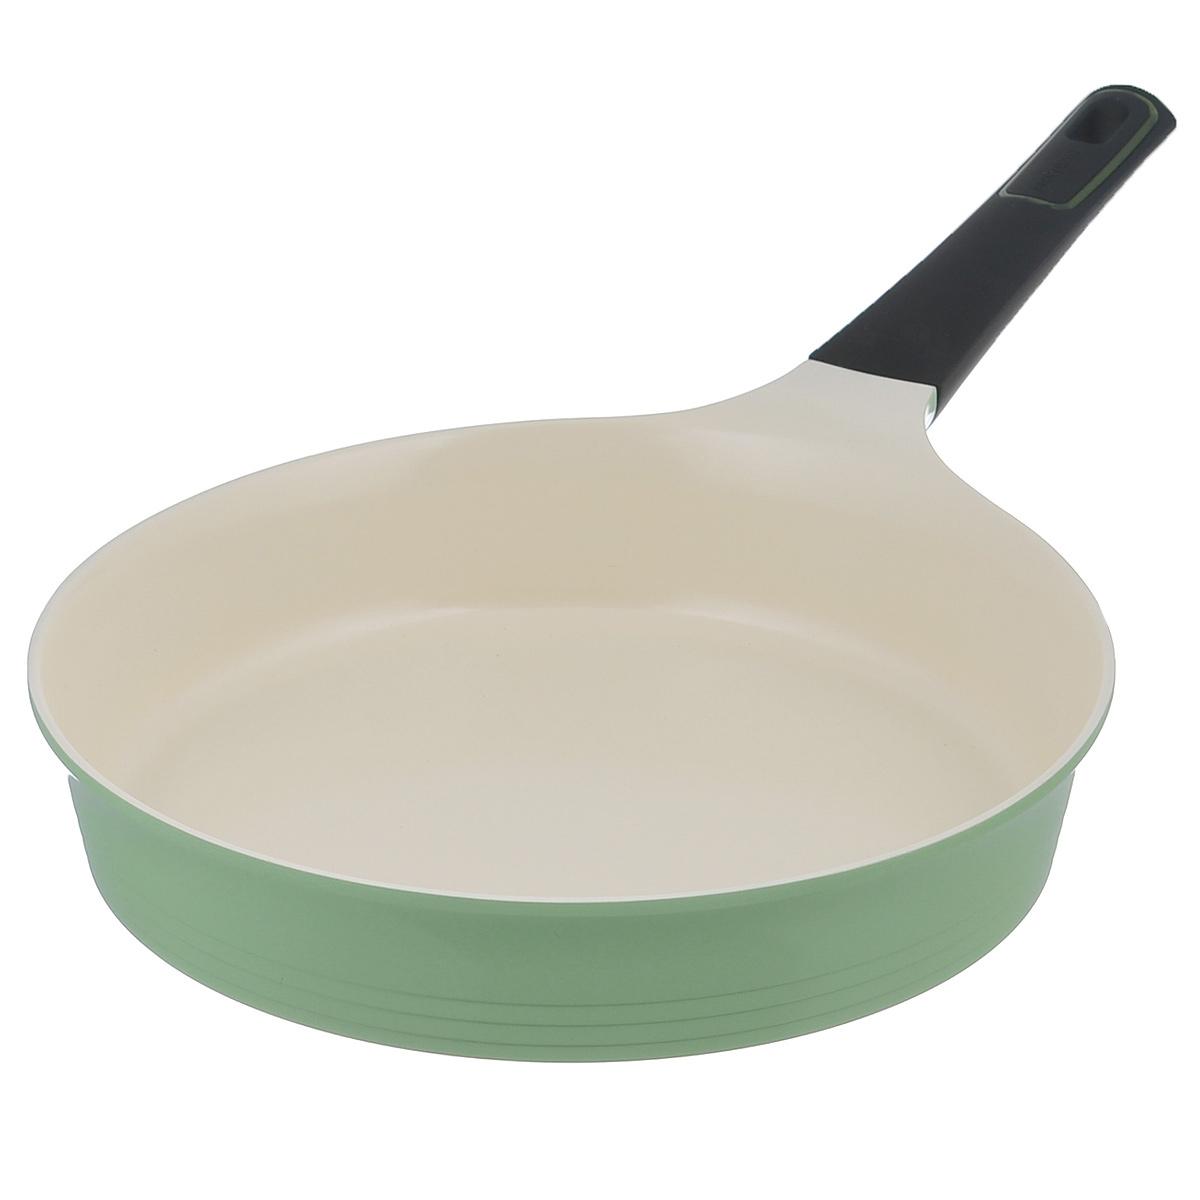 Сковорода Frybest Evergreen, с керамическим покрытием, цвет: зеленый. Диаметр 28 см00000002743Сковорода Frybest Evergreen выполнена из литого алюминия с инновационным керамическим покрытием Ecolon, в производстве которого используются природные материалы - камни и песок.Особенности сковороды Frybest Evergreen:- мощная основа из литого алюминия, специальное утолщенное дно для идеальной теплопроводности, - эргономичная, удлиненная Soft-touch ручка всегда остается холодной, - керамическое антипригарное покрытие, позволяющее готовить практически без масла, - керамика как внутри, так и снаружи, легко готовить - легко мыть, - непревзойдненная прочность и устойчивость к царапинам, - слой анионов (отрицательно заряженных ионов), обладающих антибактериальными свойствами, они намоного дольше сохраняют приготовленную пищу свежей, - отсутствие токсичных выделений в процессе приготовления пищи, - изысканное сочетание зеленого внешнего и нежного кремового внутреннего керамического покрытия. Сковорода подходит для использования на стеклокерамических, газовых, электрических плитах. Можно мыть в посудомоечной машине. Характеристики:Материал: алюминий, керамическое покрытие, бакелит. Цвет: зеленый, кремовый. Внутренний диаметр сковороды: 28 см. Диаметр диска сковороды: 25,5 см. Высота стенки сковороды: 5,9 см. Толщина стенки сковороды: 3 мм. Толщина дна сковороды: 5 мм. Длина ручки сковороды: 19 см. Размер упаковки: 50 см х 29 см х 6 см. Артикул: 00000002743.